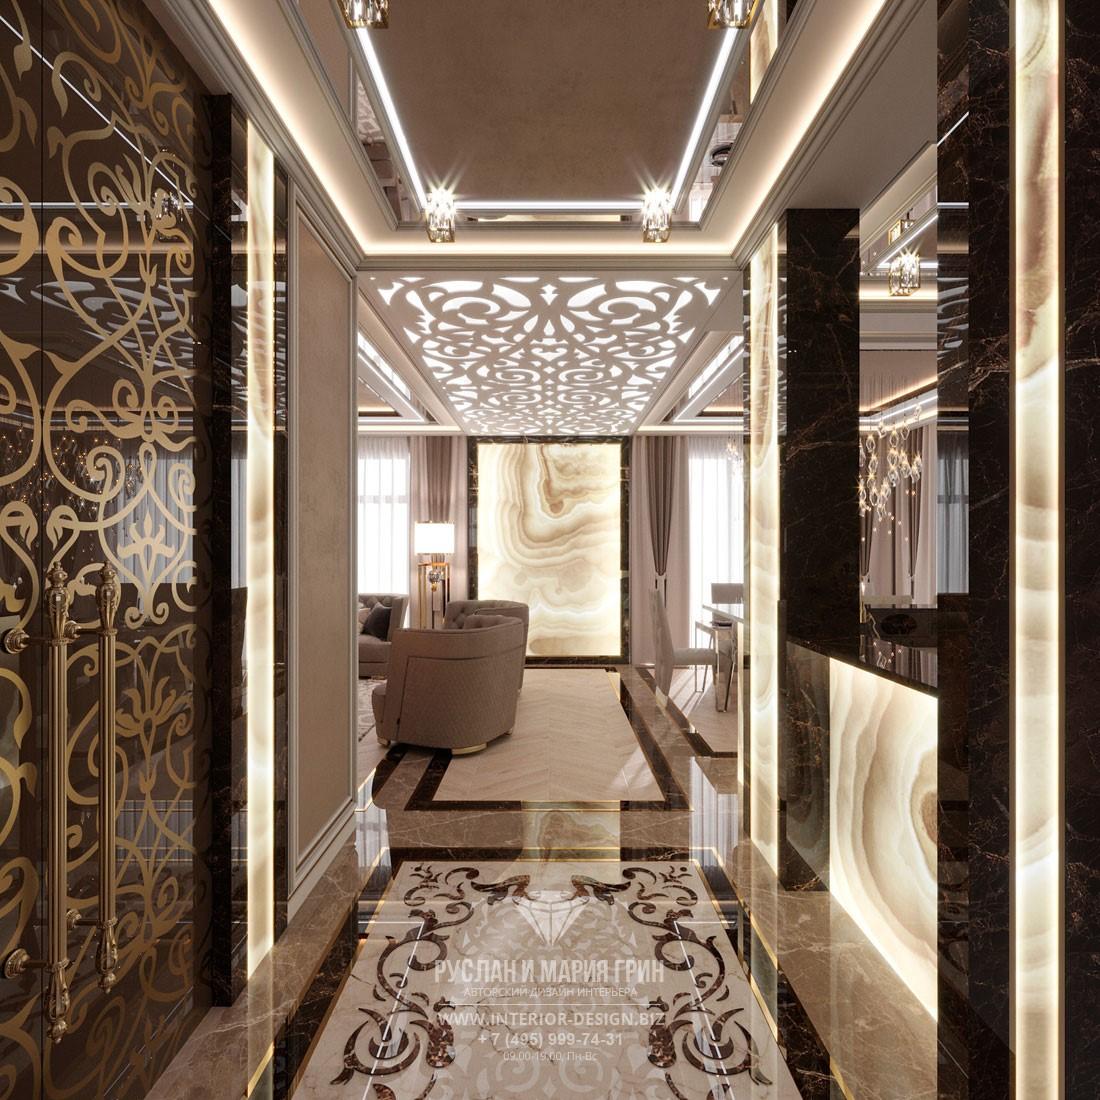 Дизайн таунхауса в стиле арт-деко с ажурными декоративными элементами